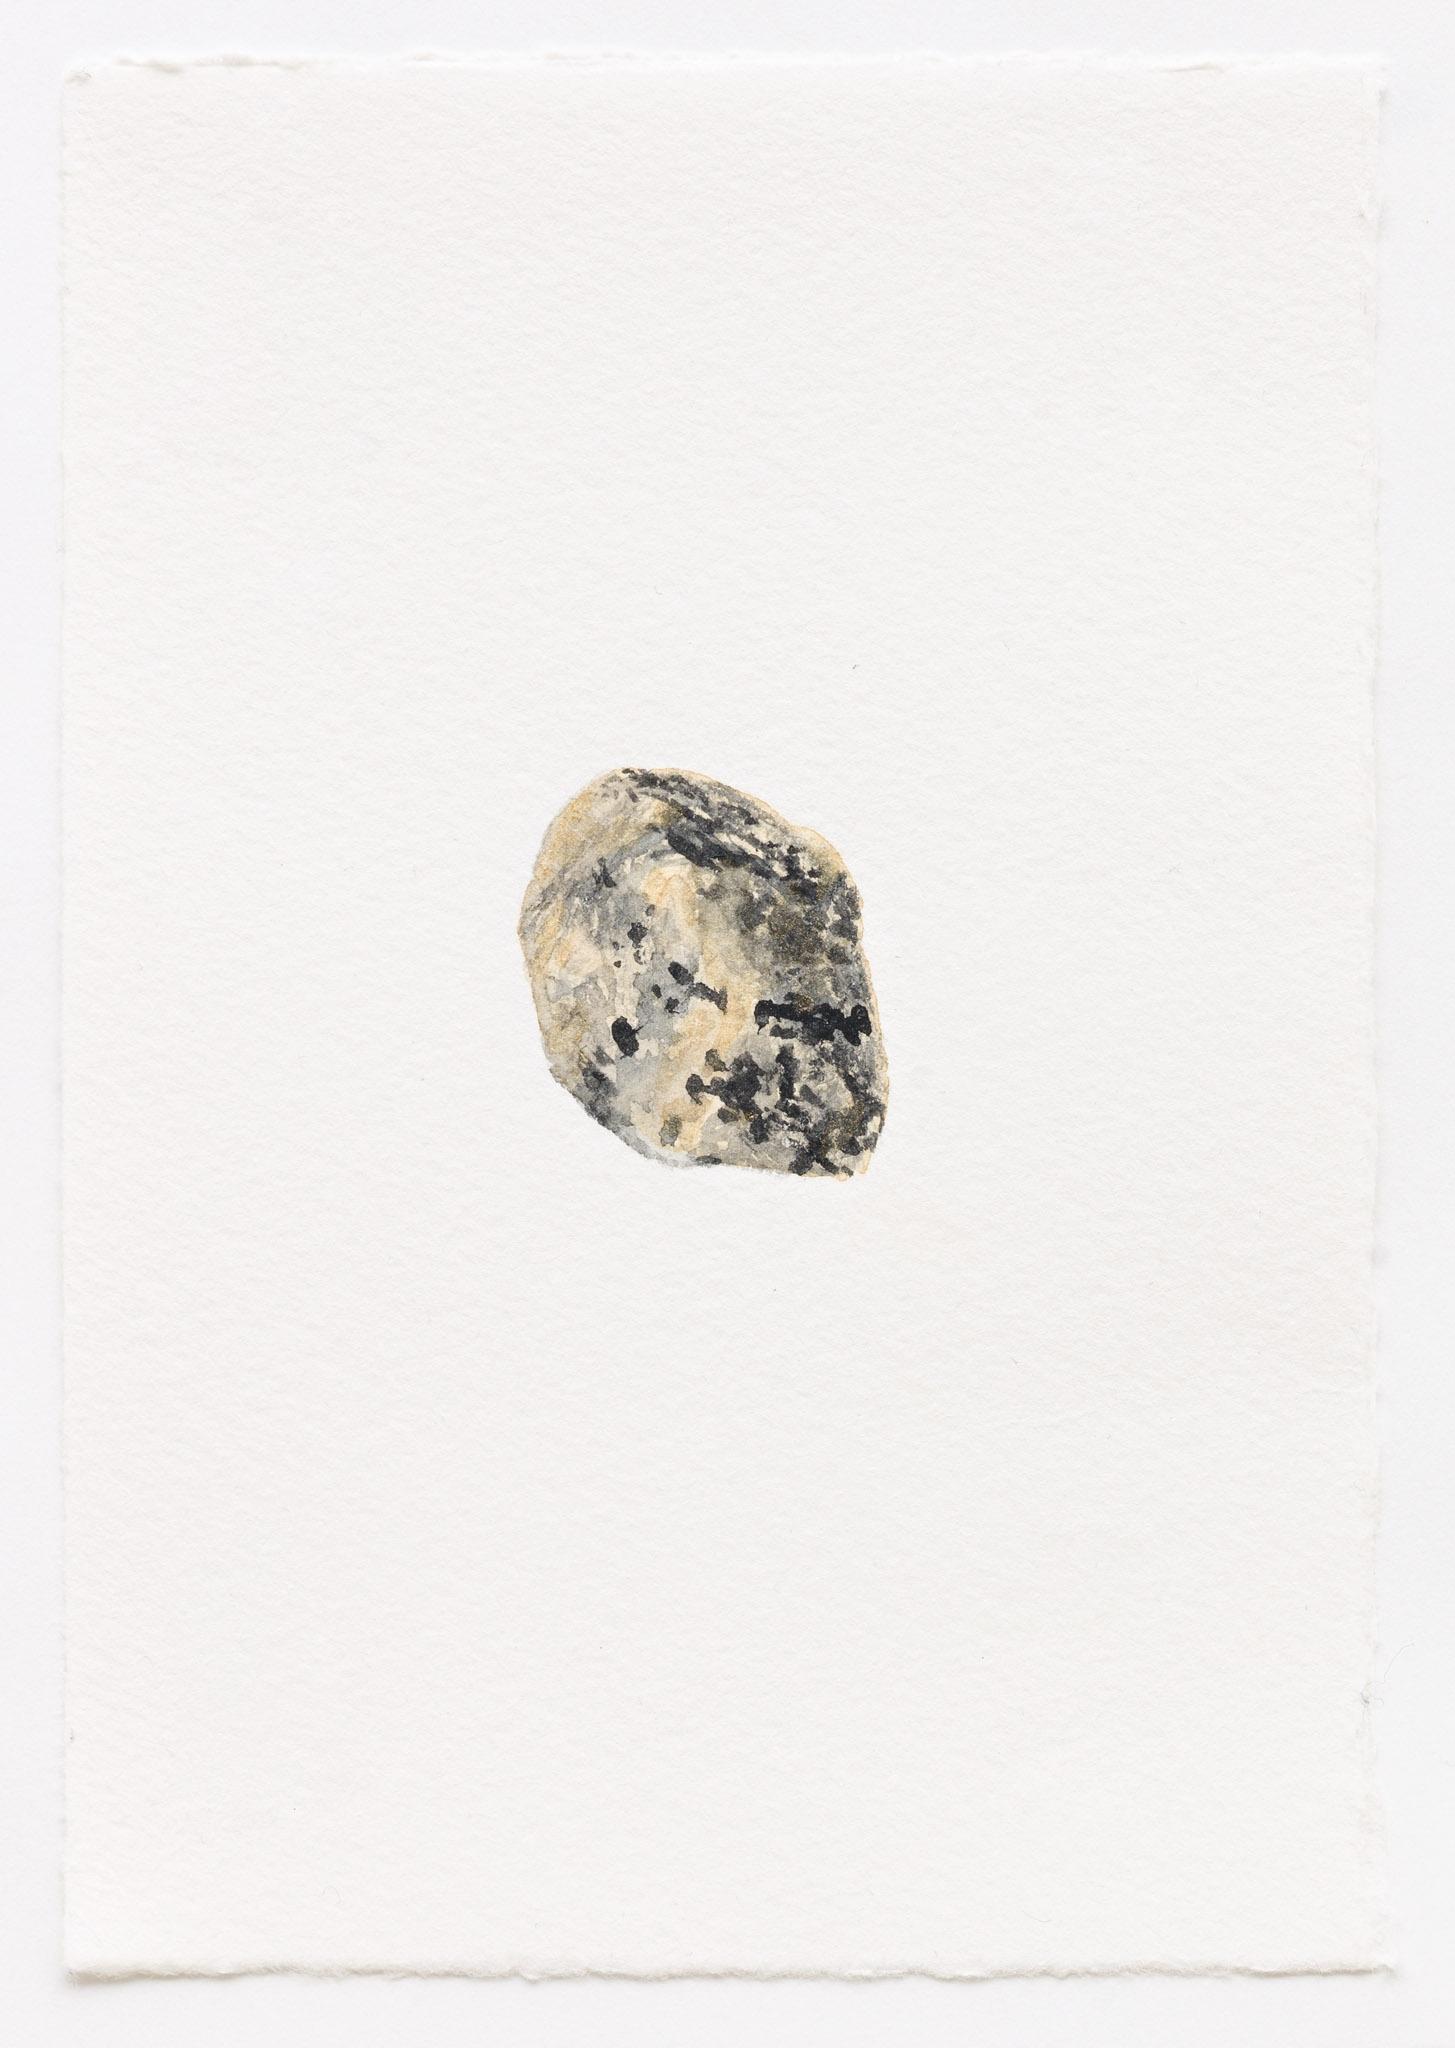 CG-Rock-49.jpg